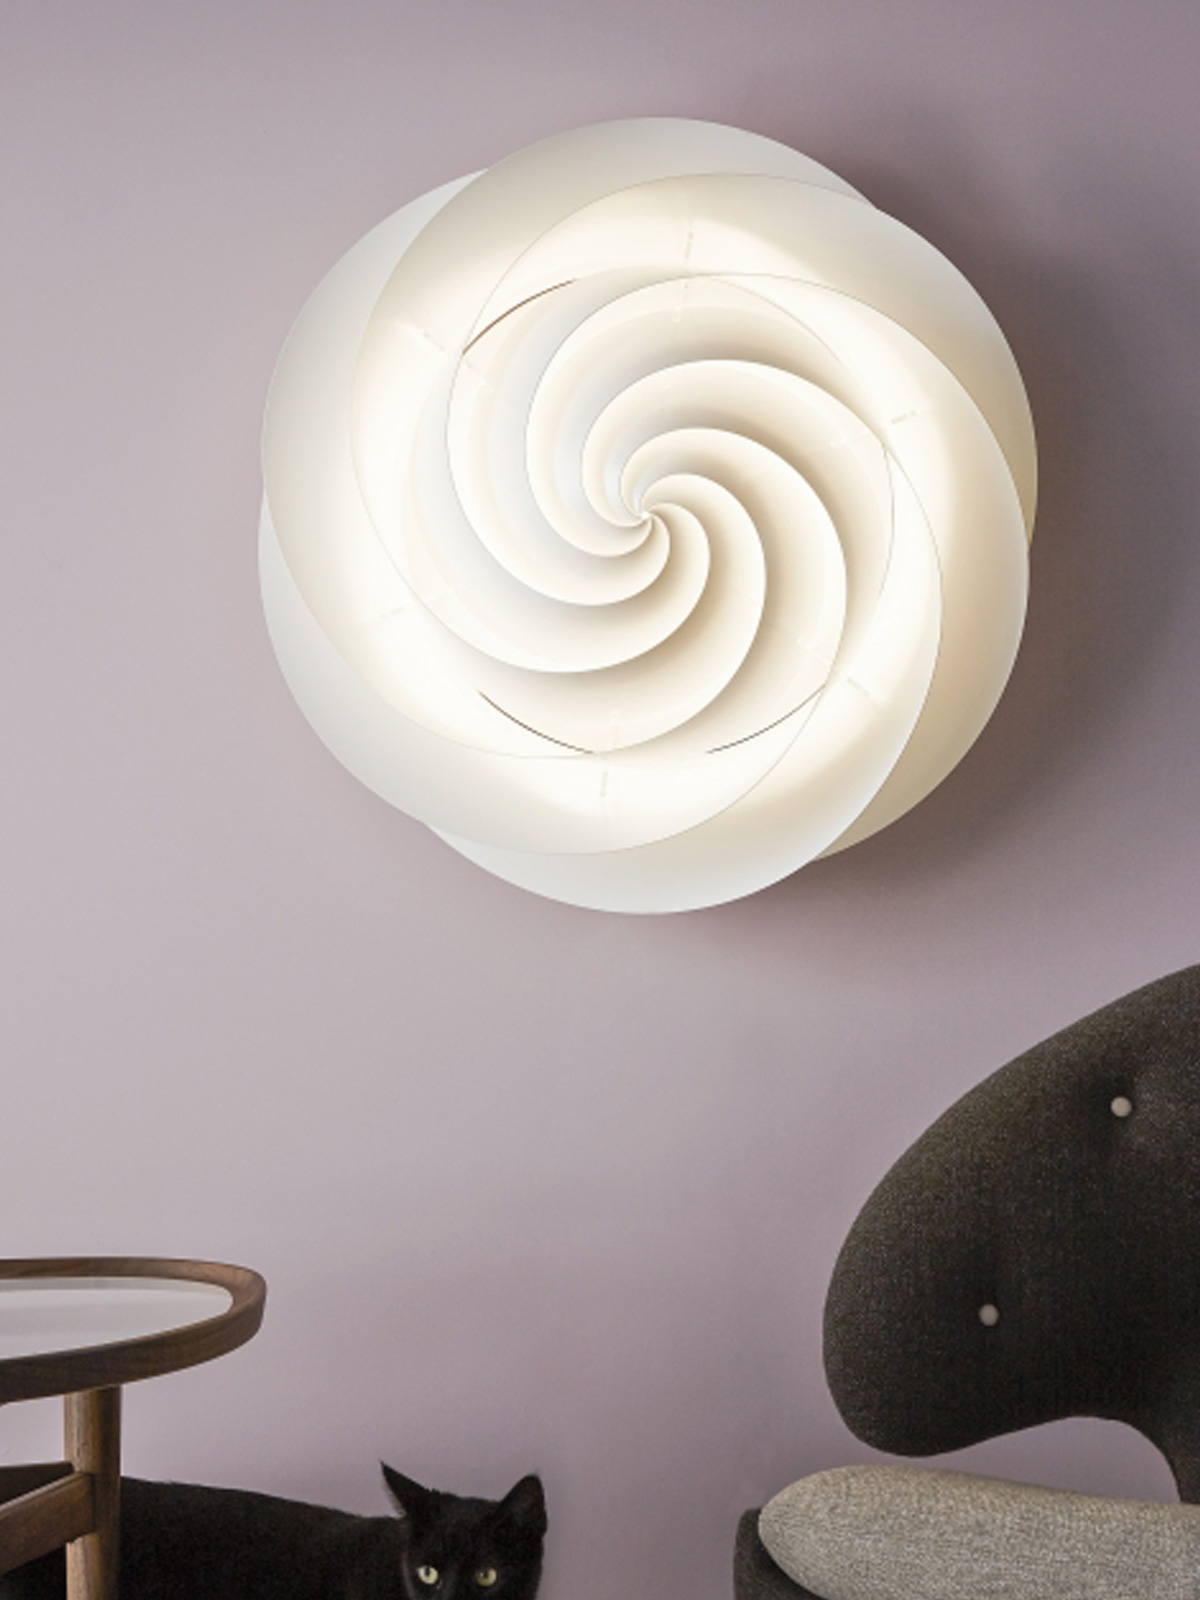 DesignOrt Blog Spin & Swirl - Leuchten in Bewegung - Le Klint Swirl Wandlampe oder Deckenlampe